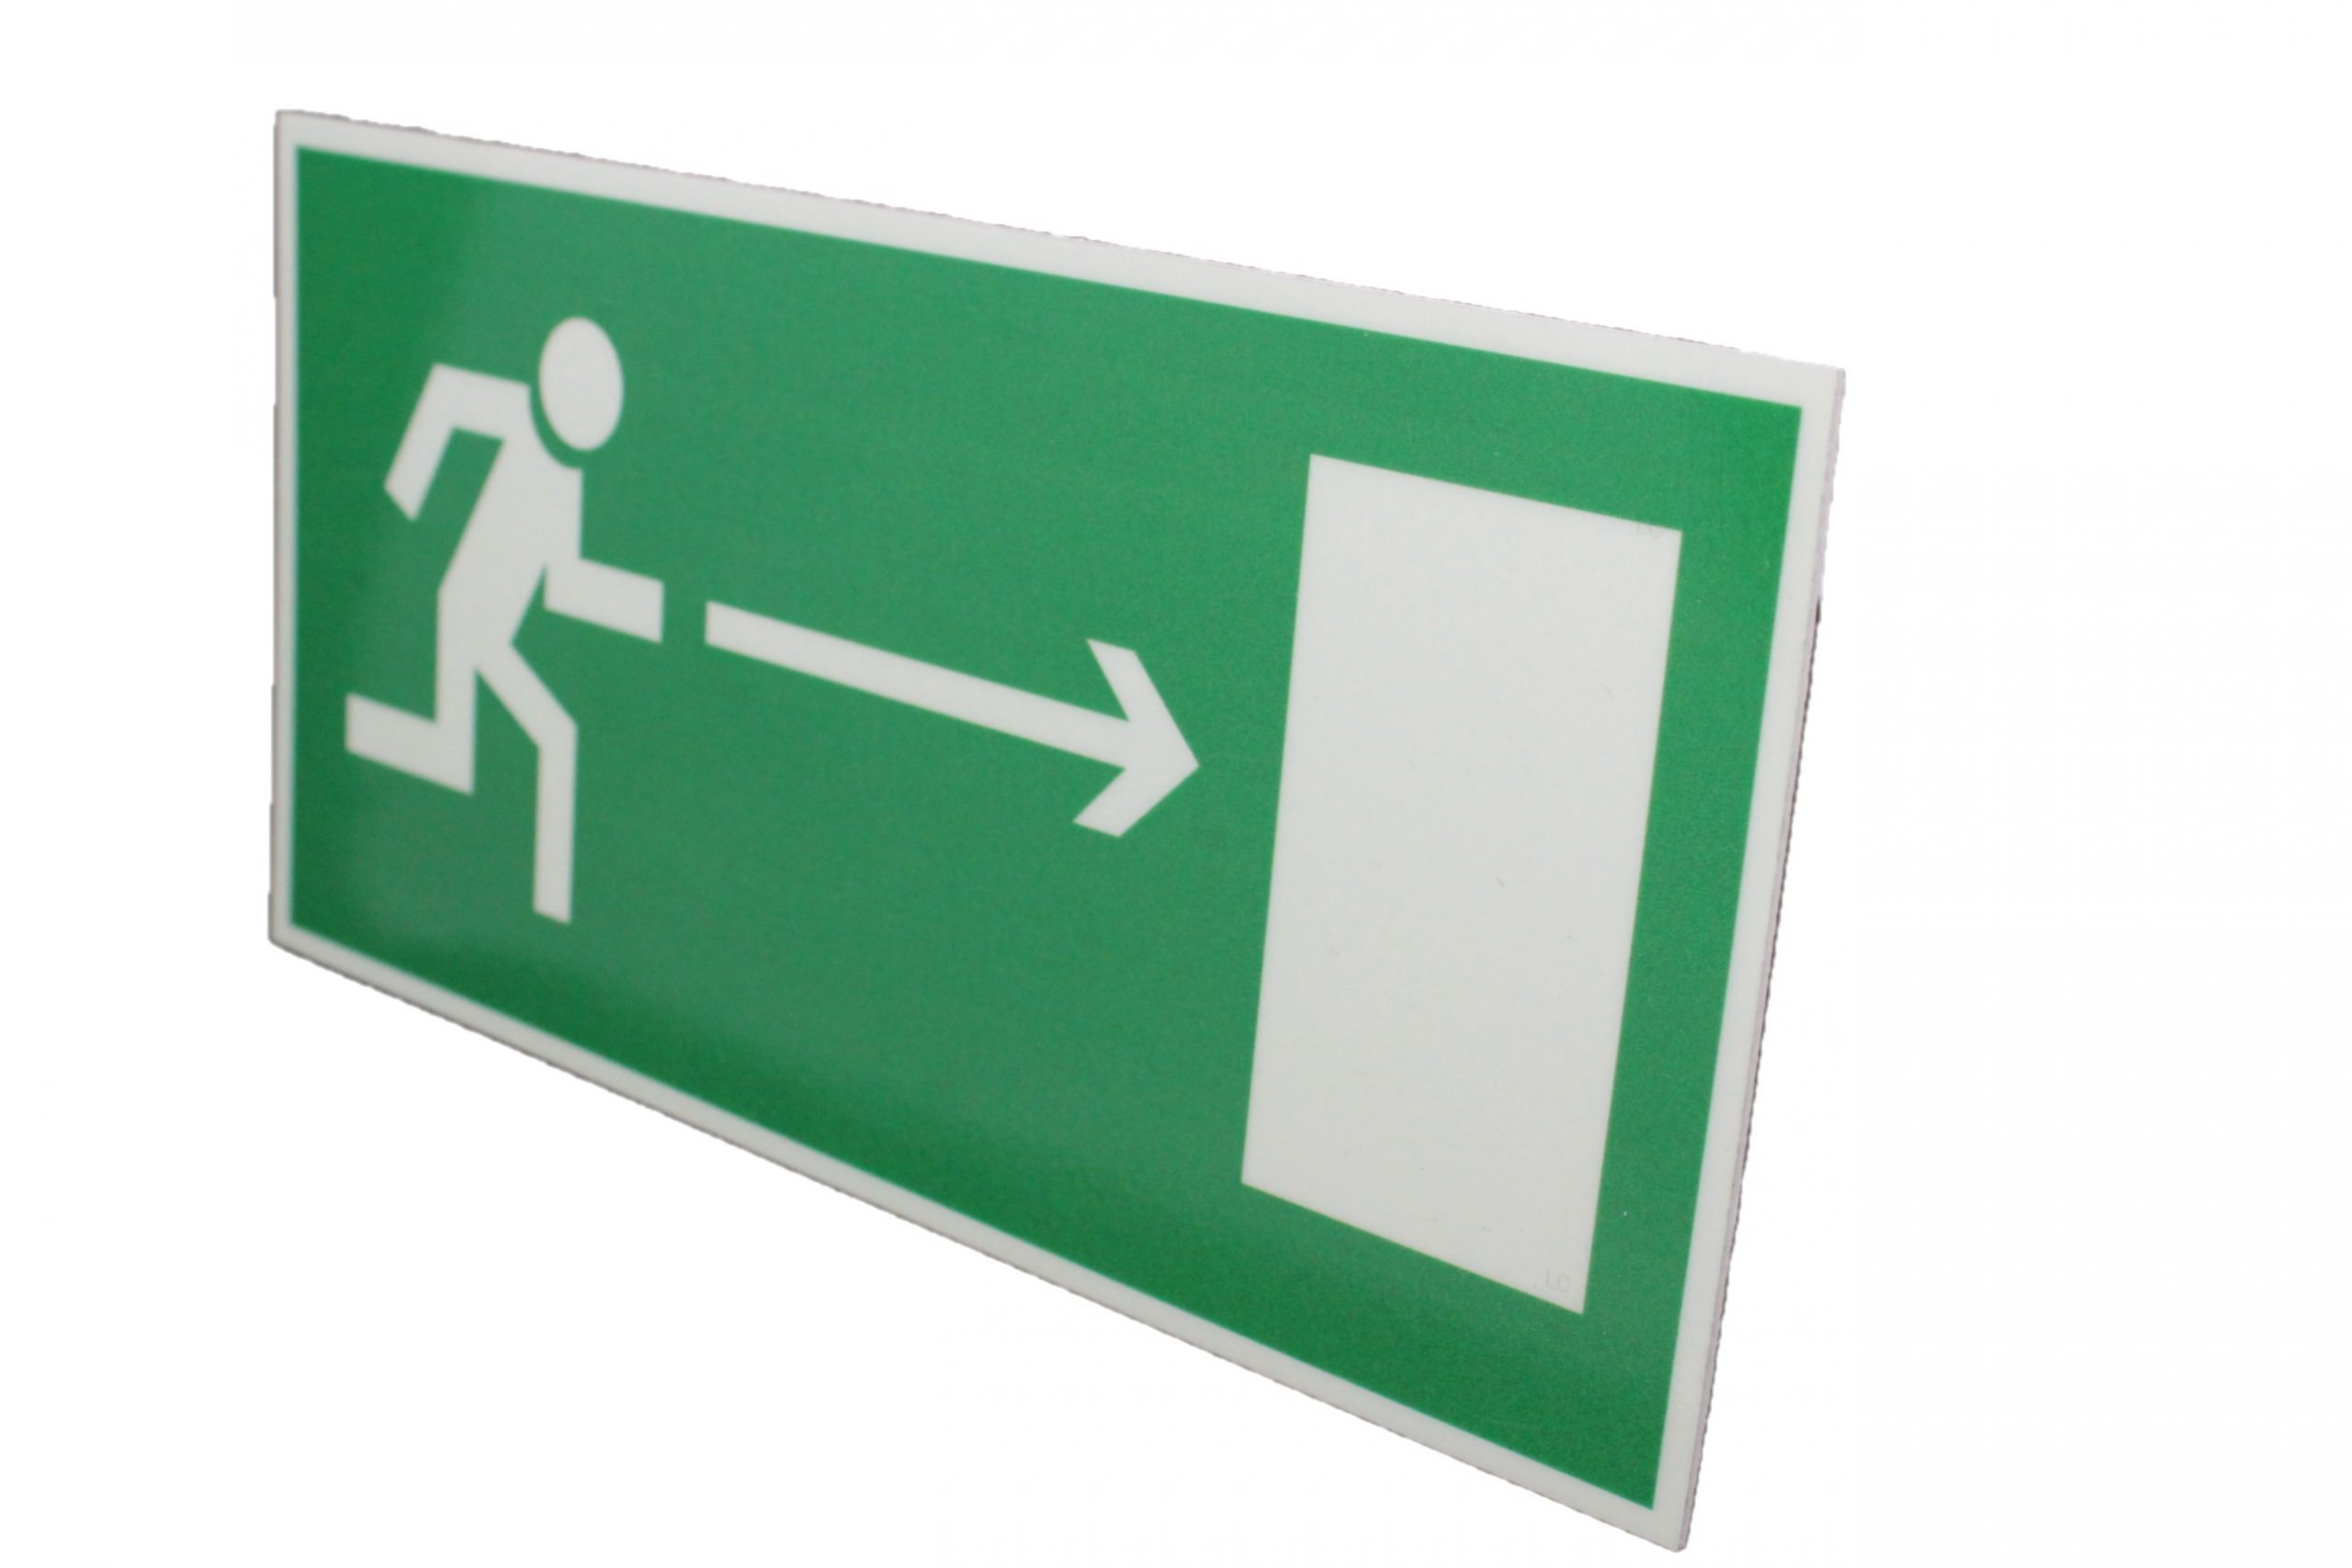 Знак эвакуации фотолюминесцентный выход направо